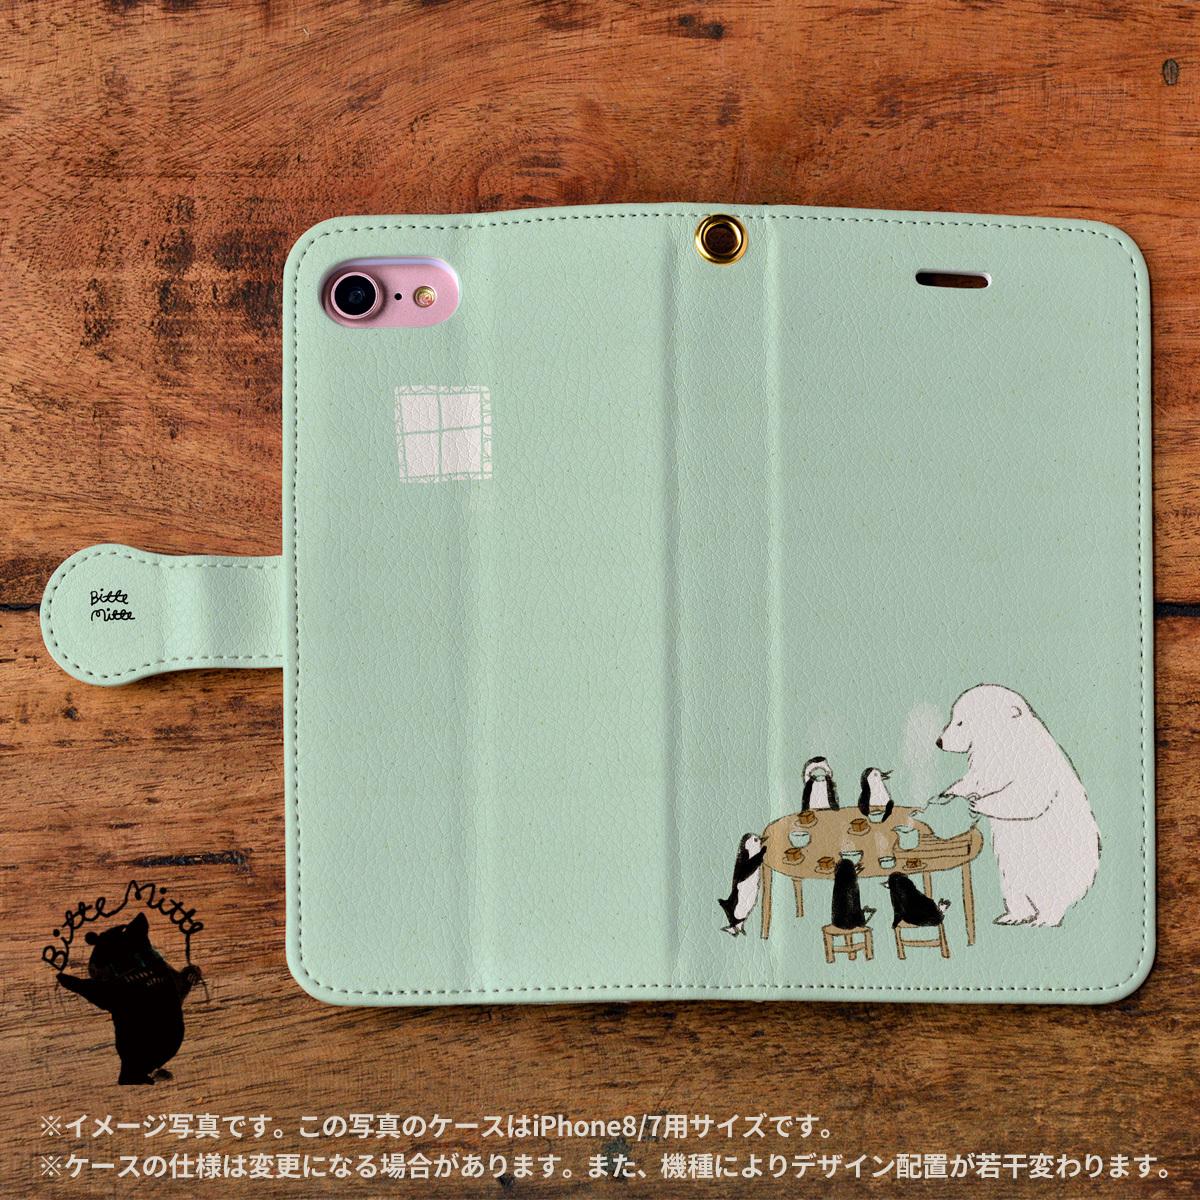 iPhone8 iPhone7 iPhone6s iPhone6 iPhoneX ケース 手帳型 革 おしゃれ かわいい 女性 女子 アニマル めしあがれ/Bitte Mitte!